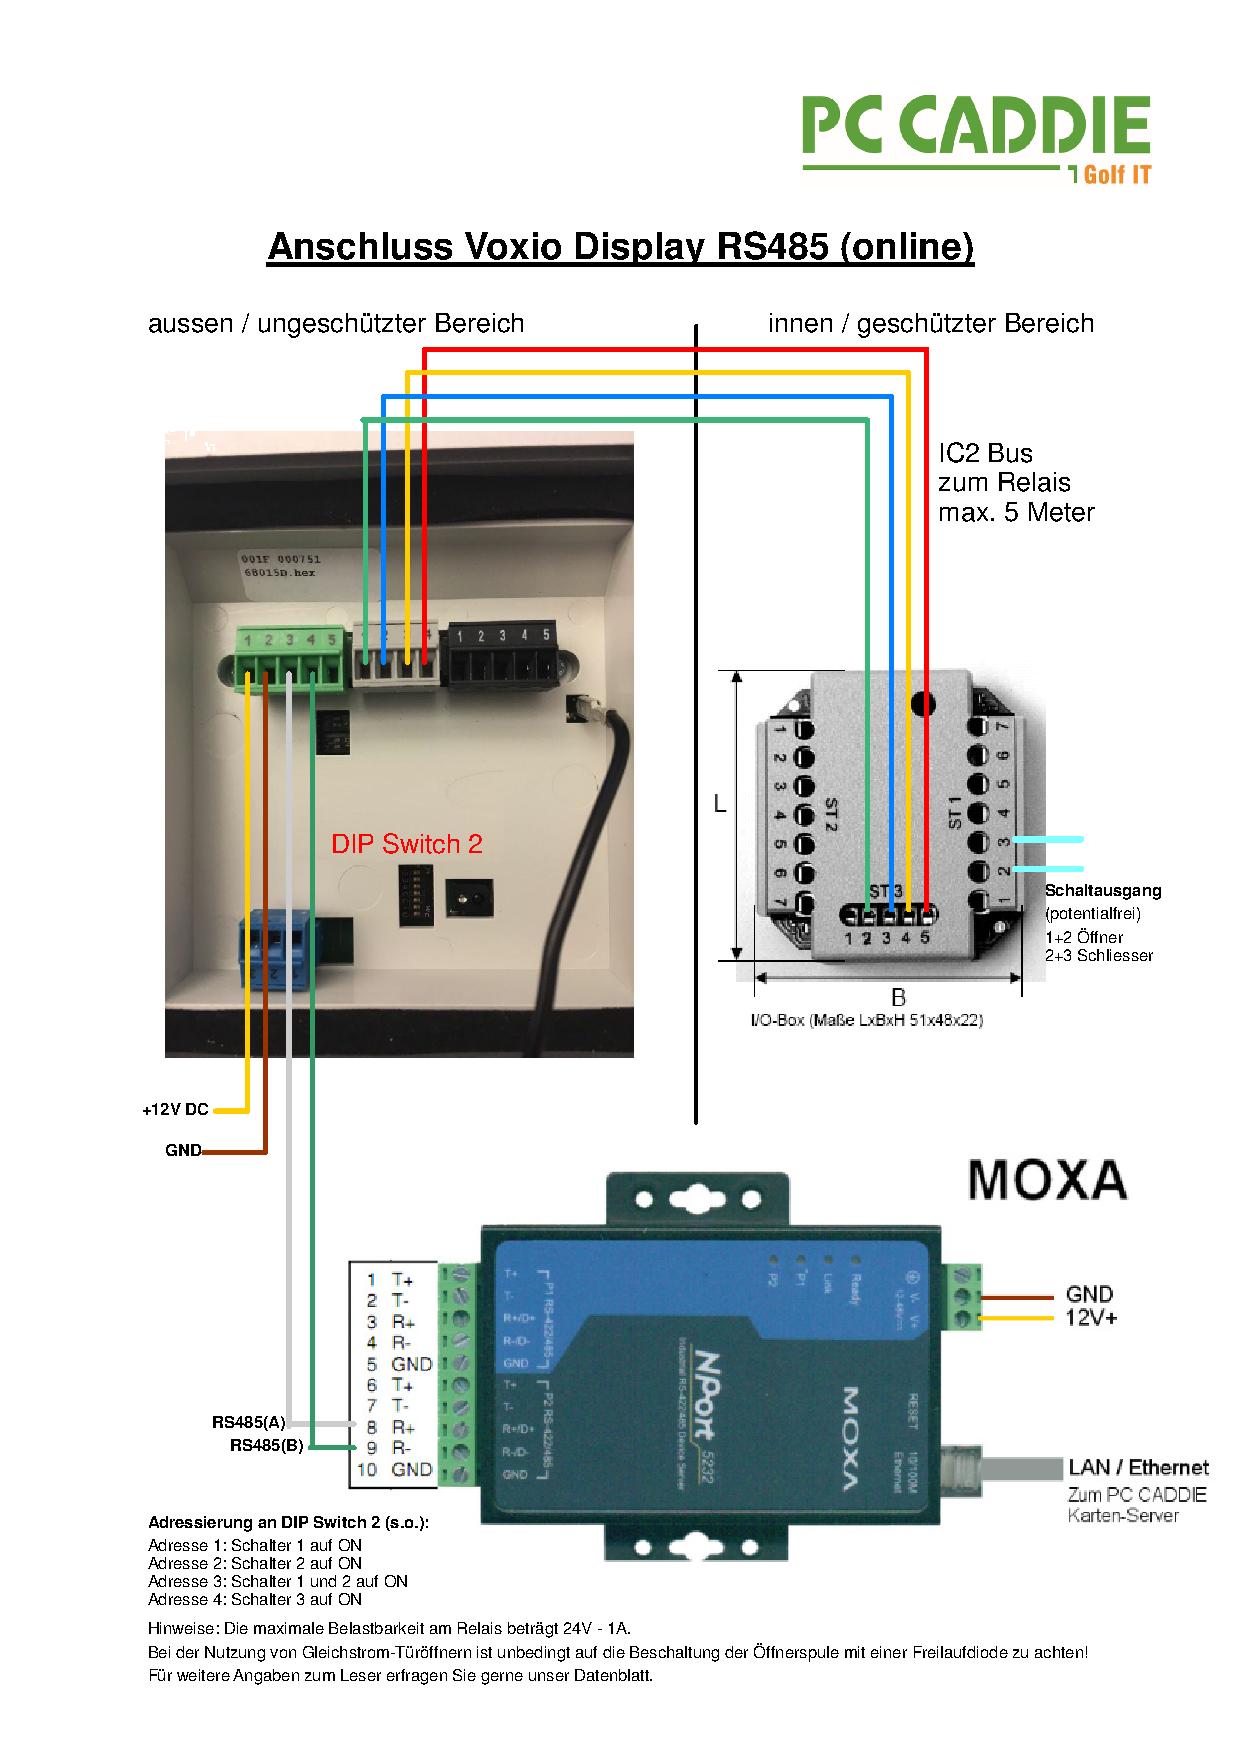 Anschluss Hardware PC CADDIE.id Kartensysteme [PCCaddie]